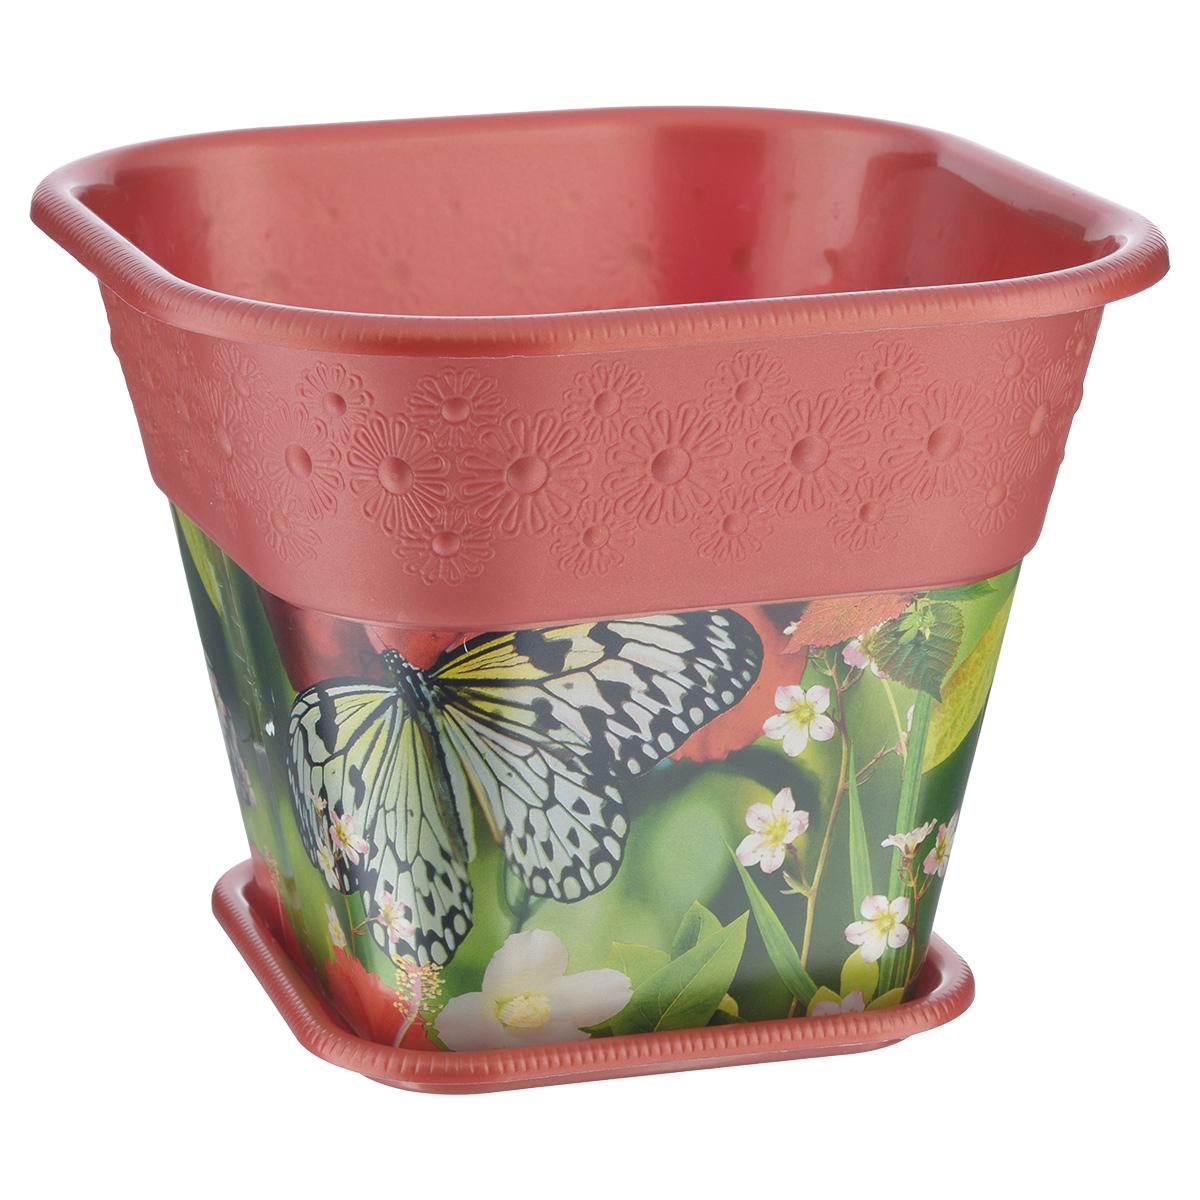 Кашпо Альтернатива Шарм, с поддоном, 4,5 лМ3684Кашпо Альтернатива Шарм изготовлено из высококачественного пластика. Изделие оформлено красочным изображением цветов и бабочек, а также рельефом в виде ромашек. Специальный поддон предназначен для стока воды. Изделие прекрасно подходит для выращивания растений и цветов в домашних условиях. Стильный яркий дизайн сделает такое кашпо отличным дополнением интерьера. Объем кашпо: 4,5 л.Размер кашпо (по верхнему краю): 23 см х 23 см.Высота кашпо: 18 см.Размер поддона: 15,5 см х 15,5 см х 1,2 см.